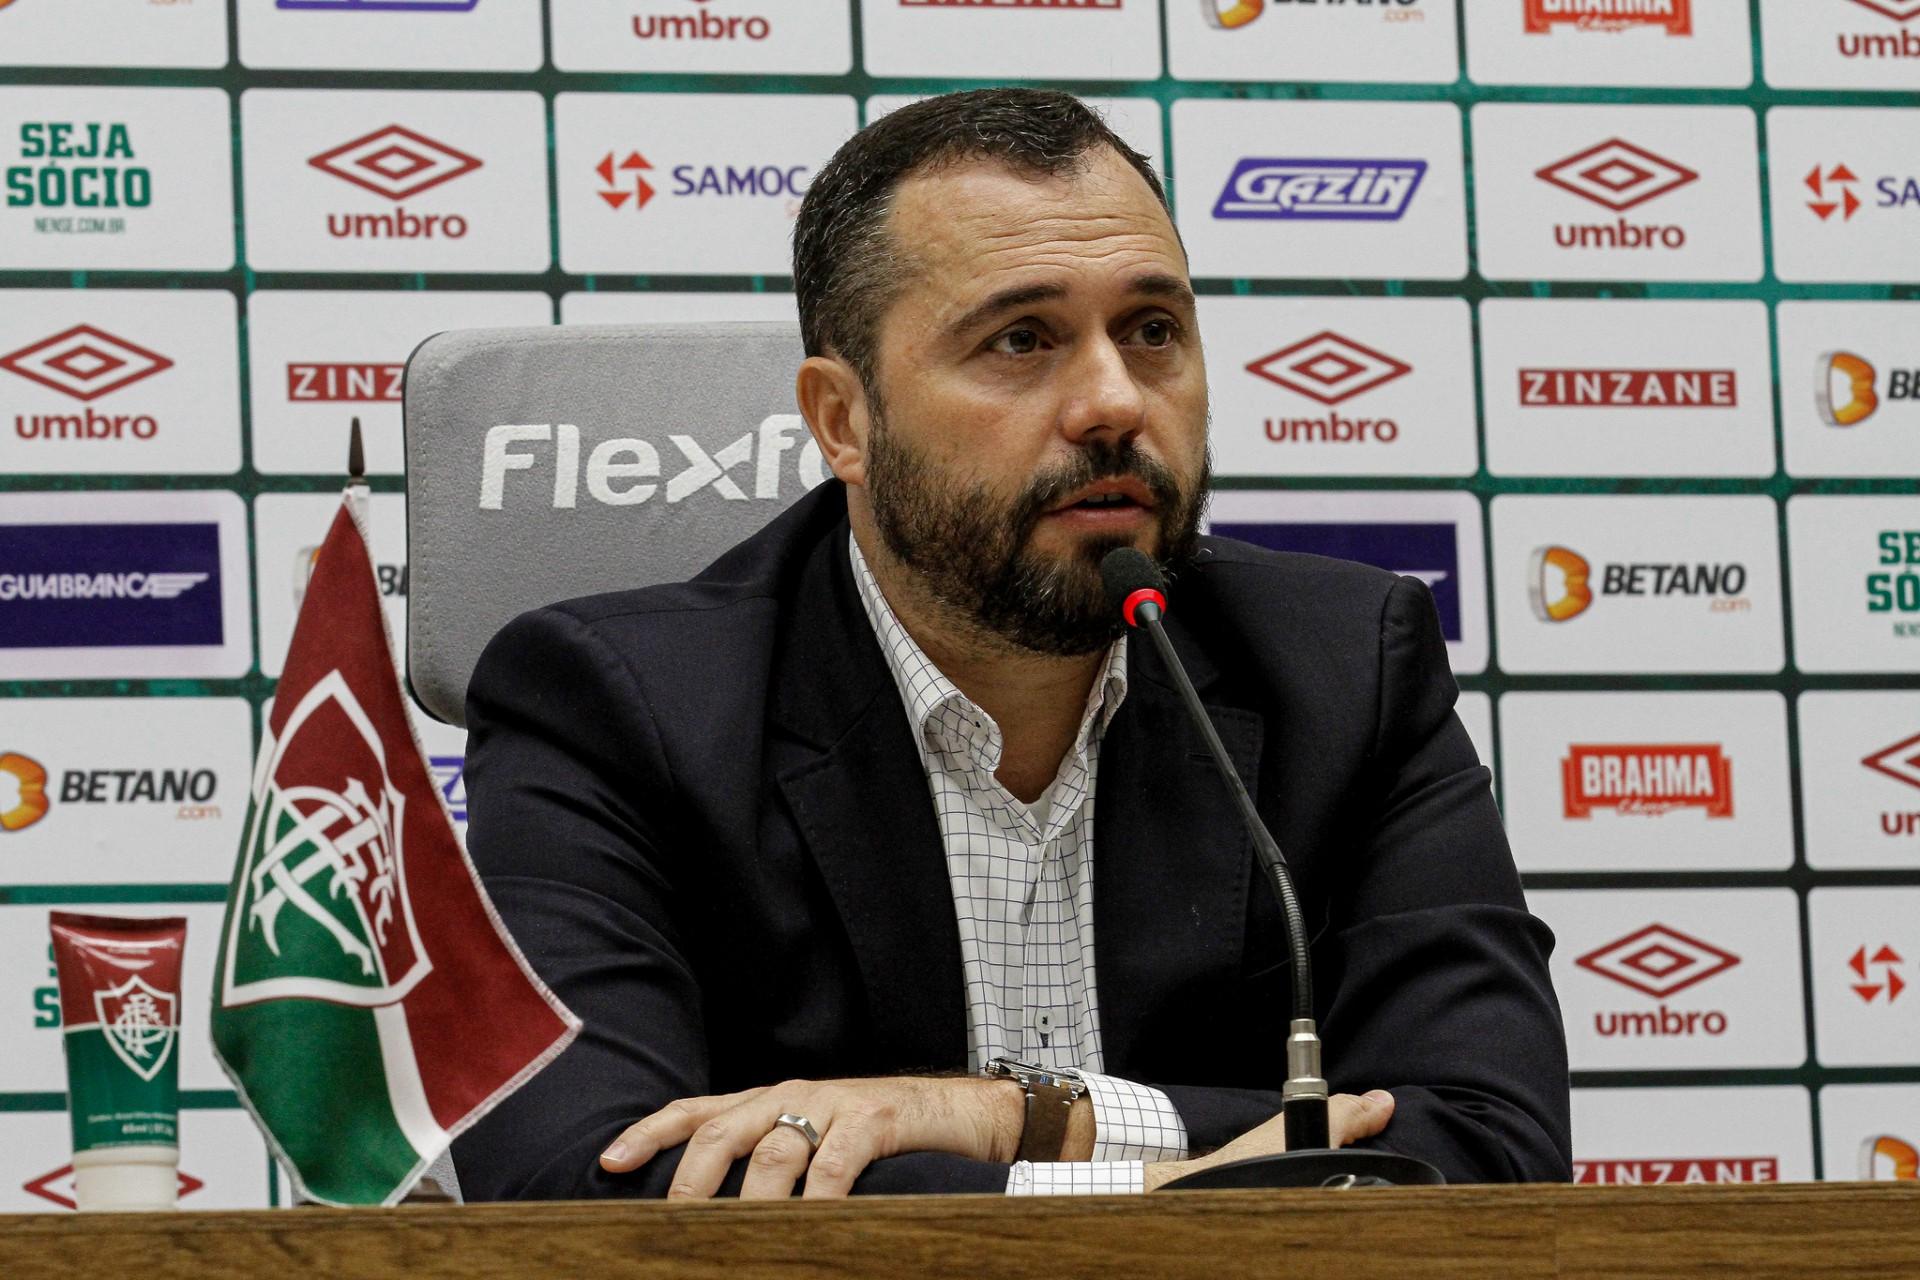 Empresário afirma que jogador deseja renovar contrato com o Fluminense